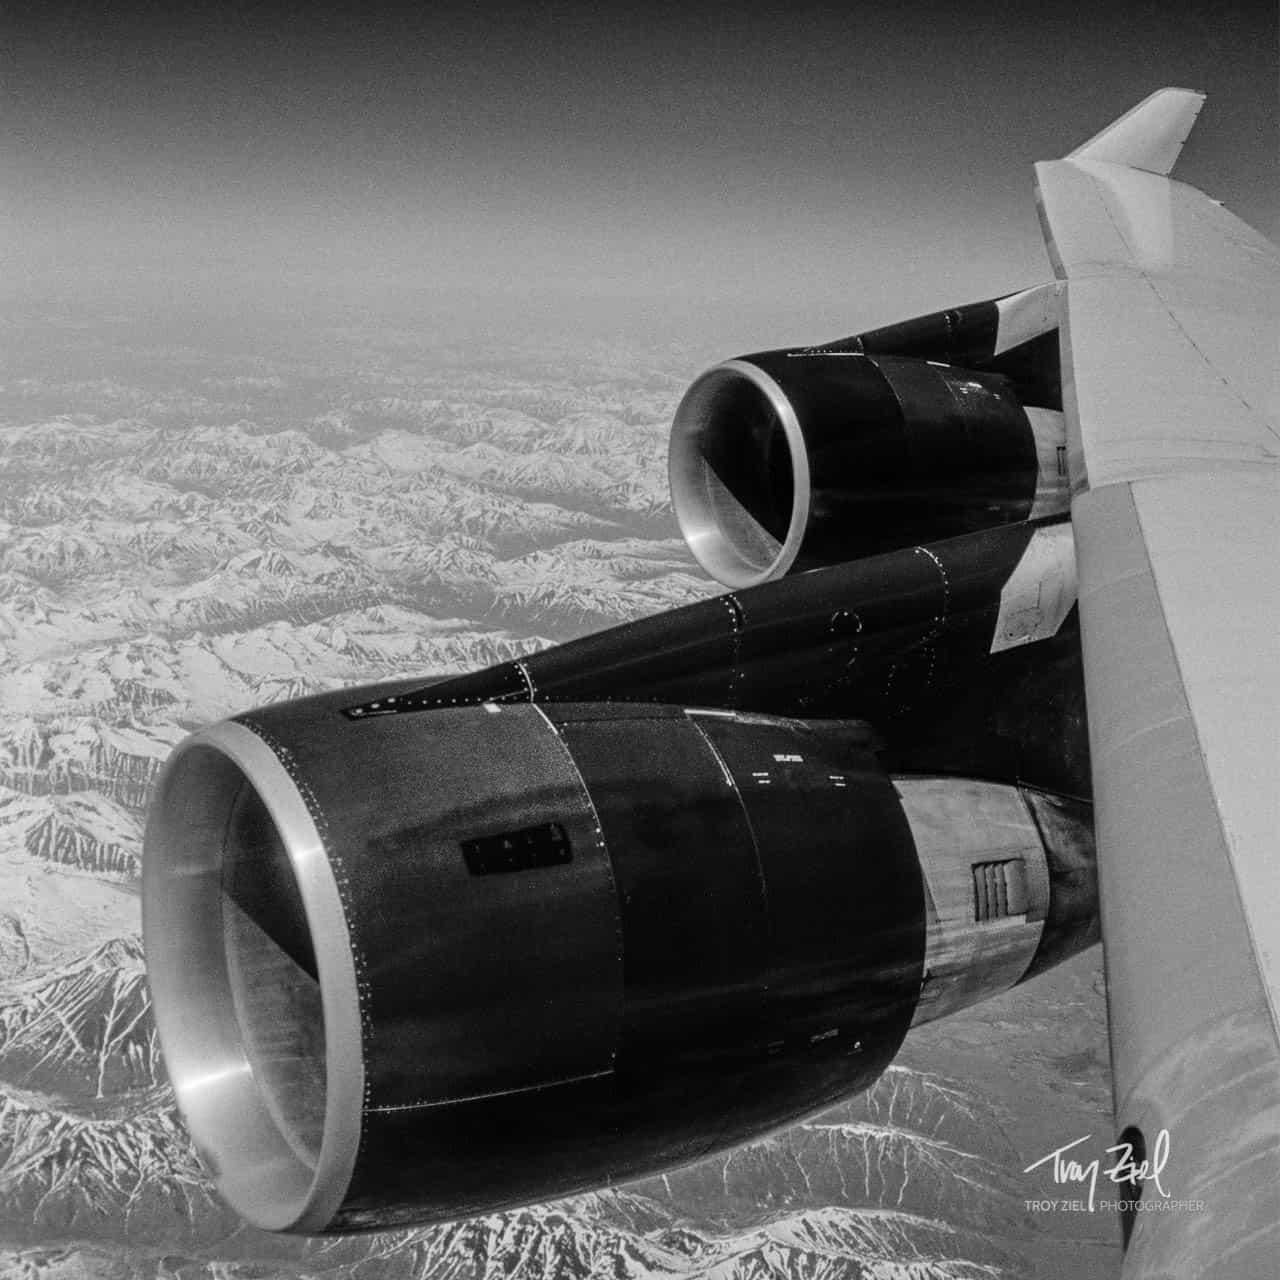 747 Over Tundra